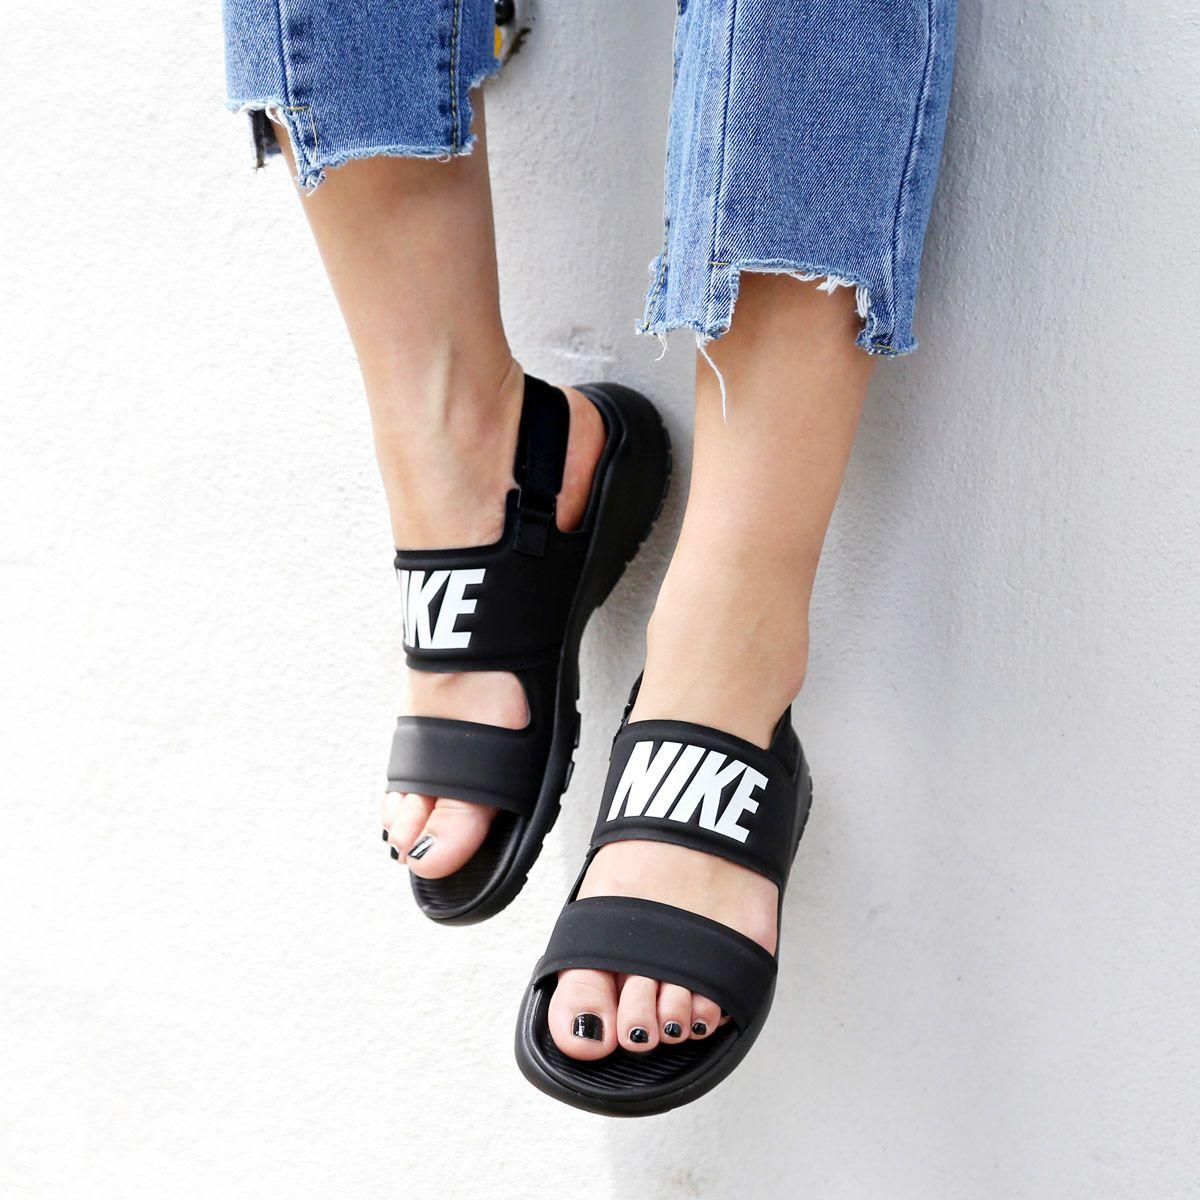 Nike sandals, Nike slippers, Sandals